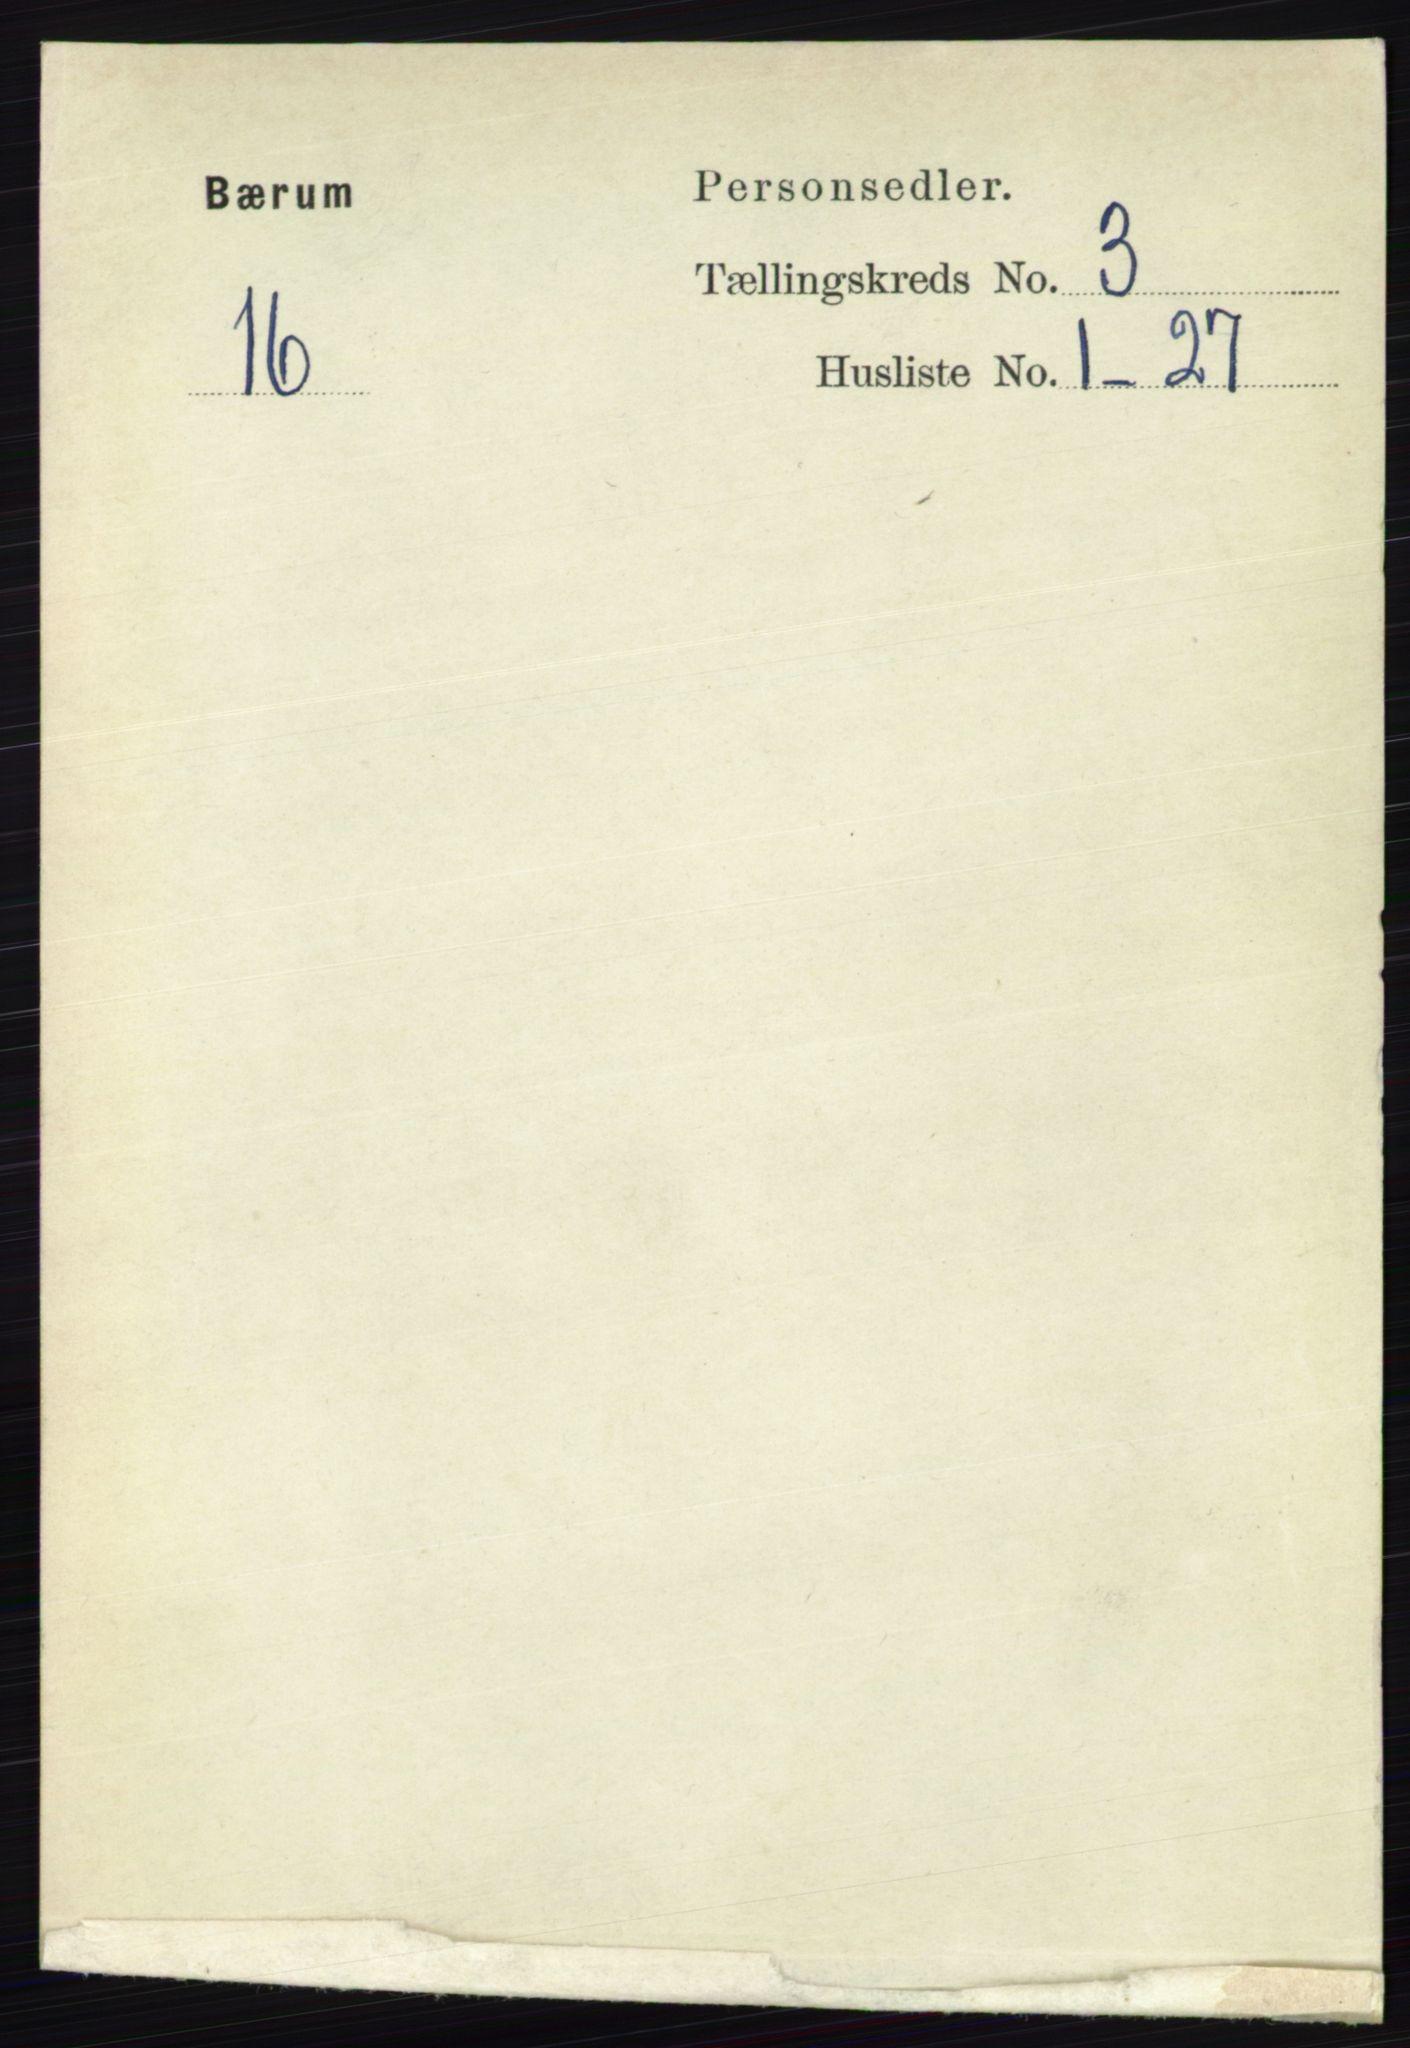 RA, Folketelling 1891 for 0219 Bærum herred, 1891, s. 1982